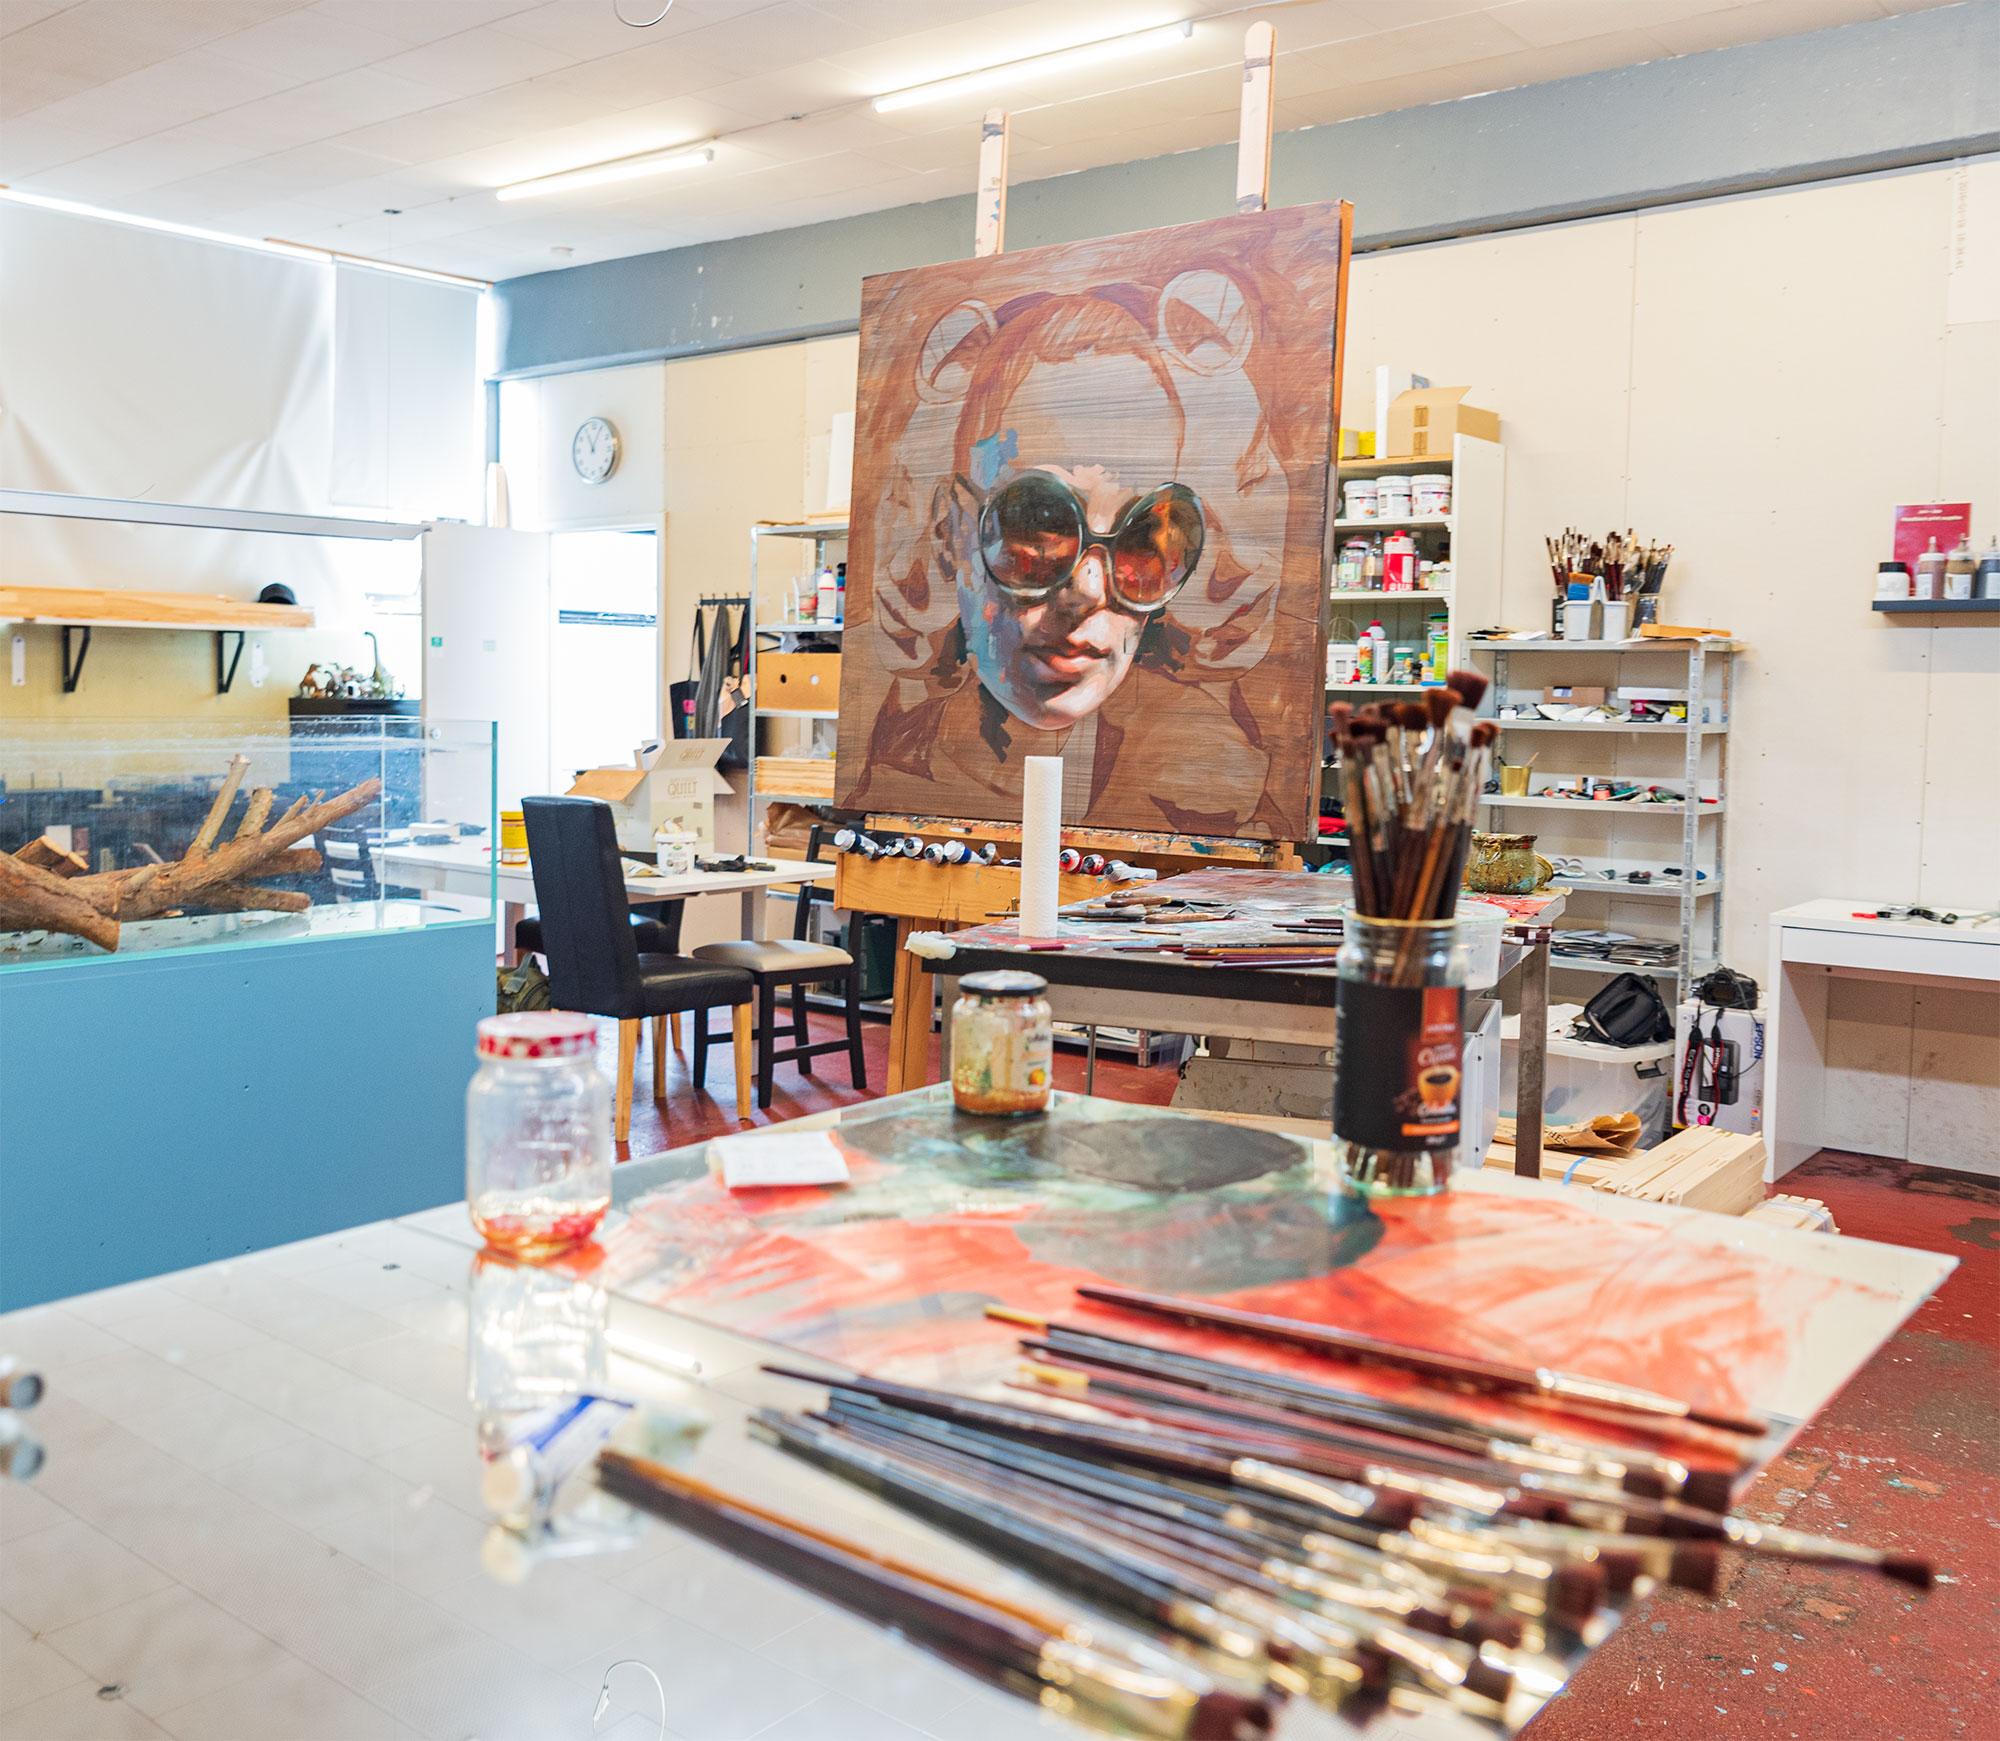 Arbejdsværelset, hvor værkerne bliver skabt. Foto: Thomas Mose.